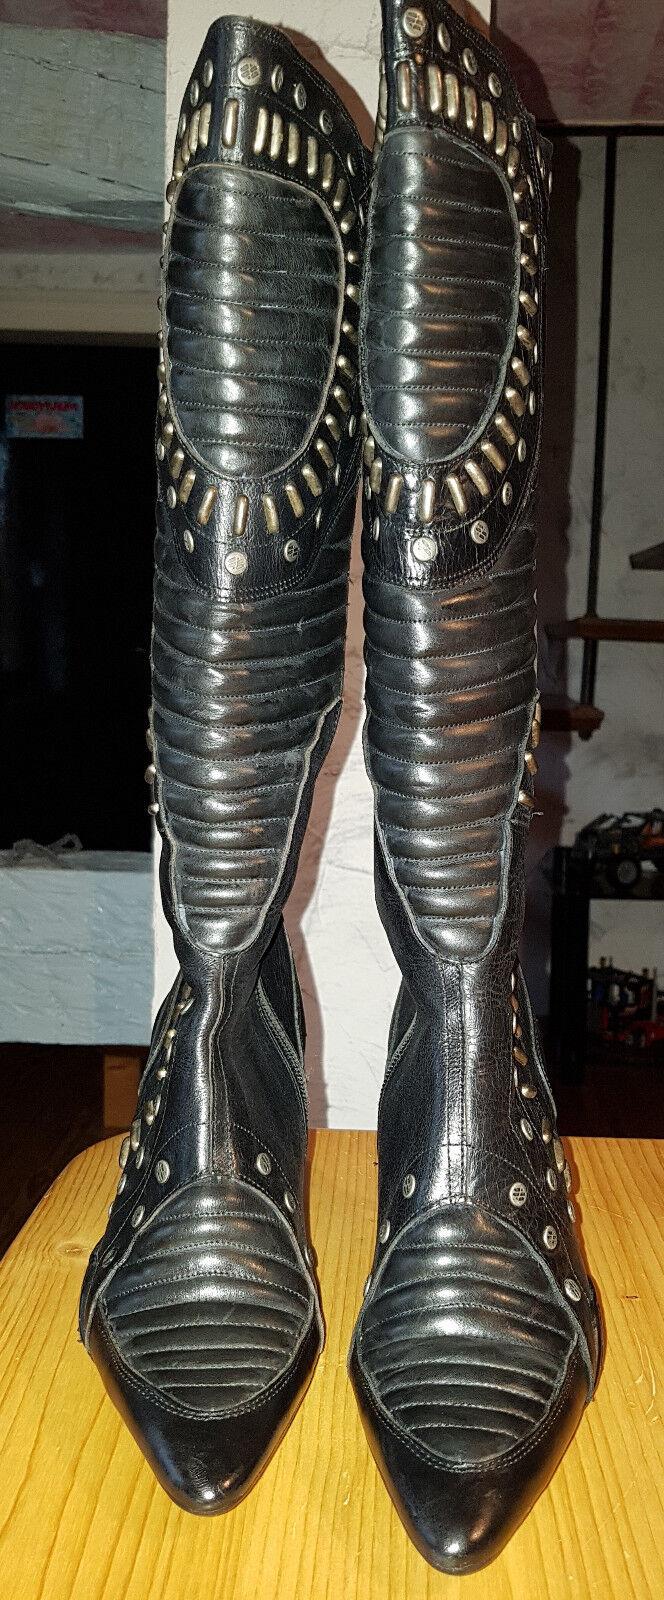 Designer Damen Lederstiefel Gr.38 echt Leder schwarz